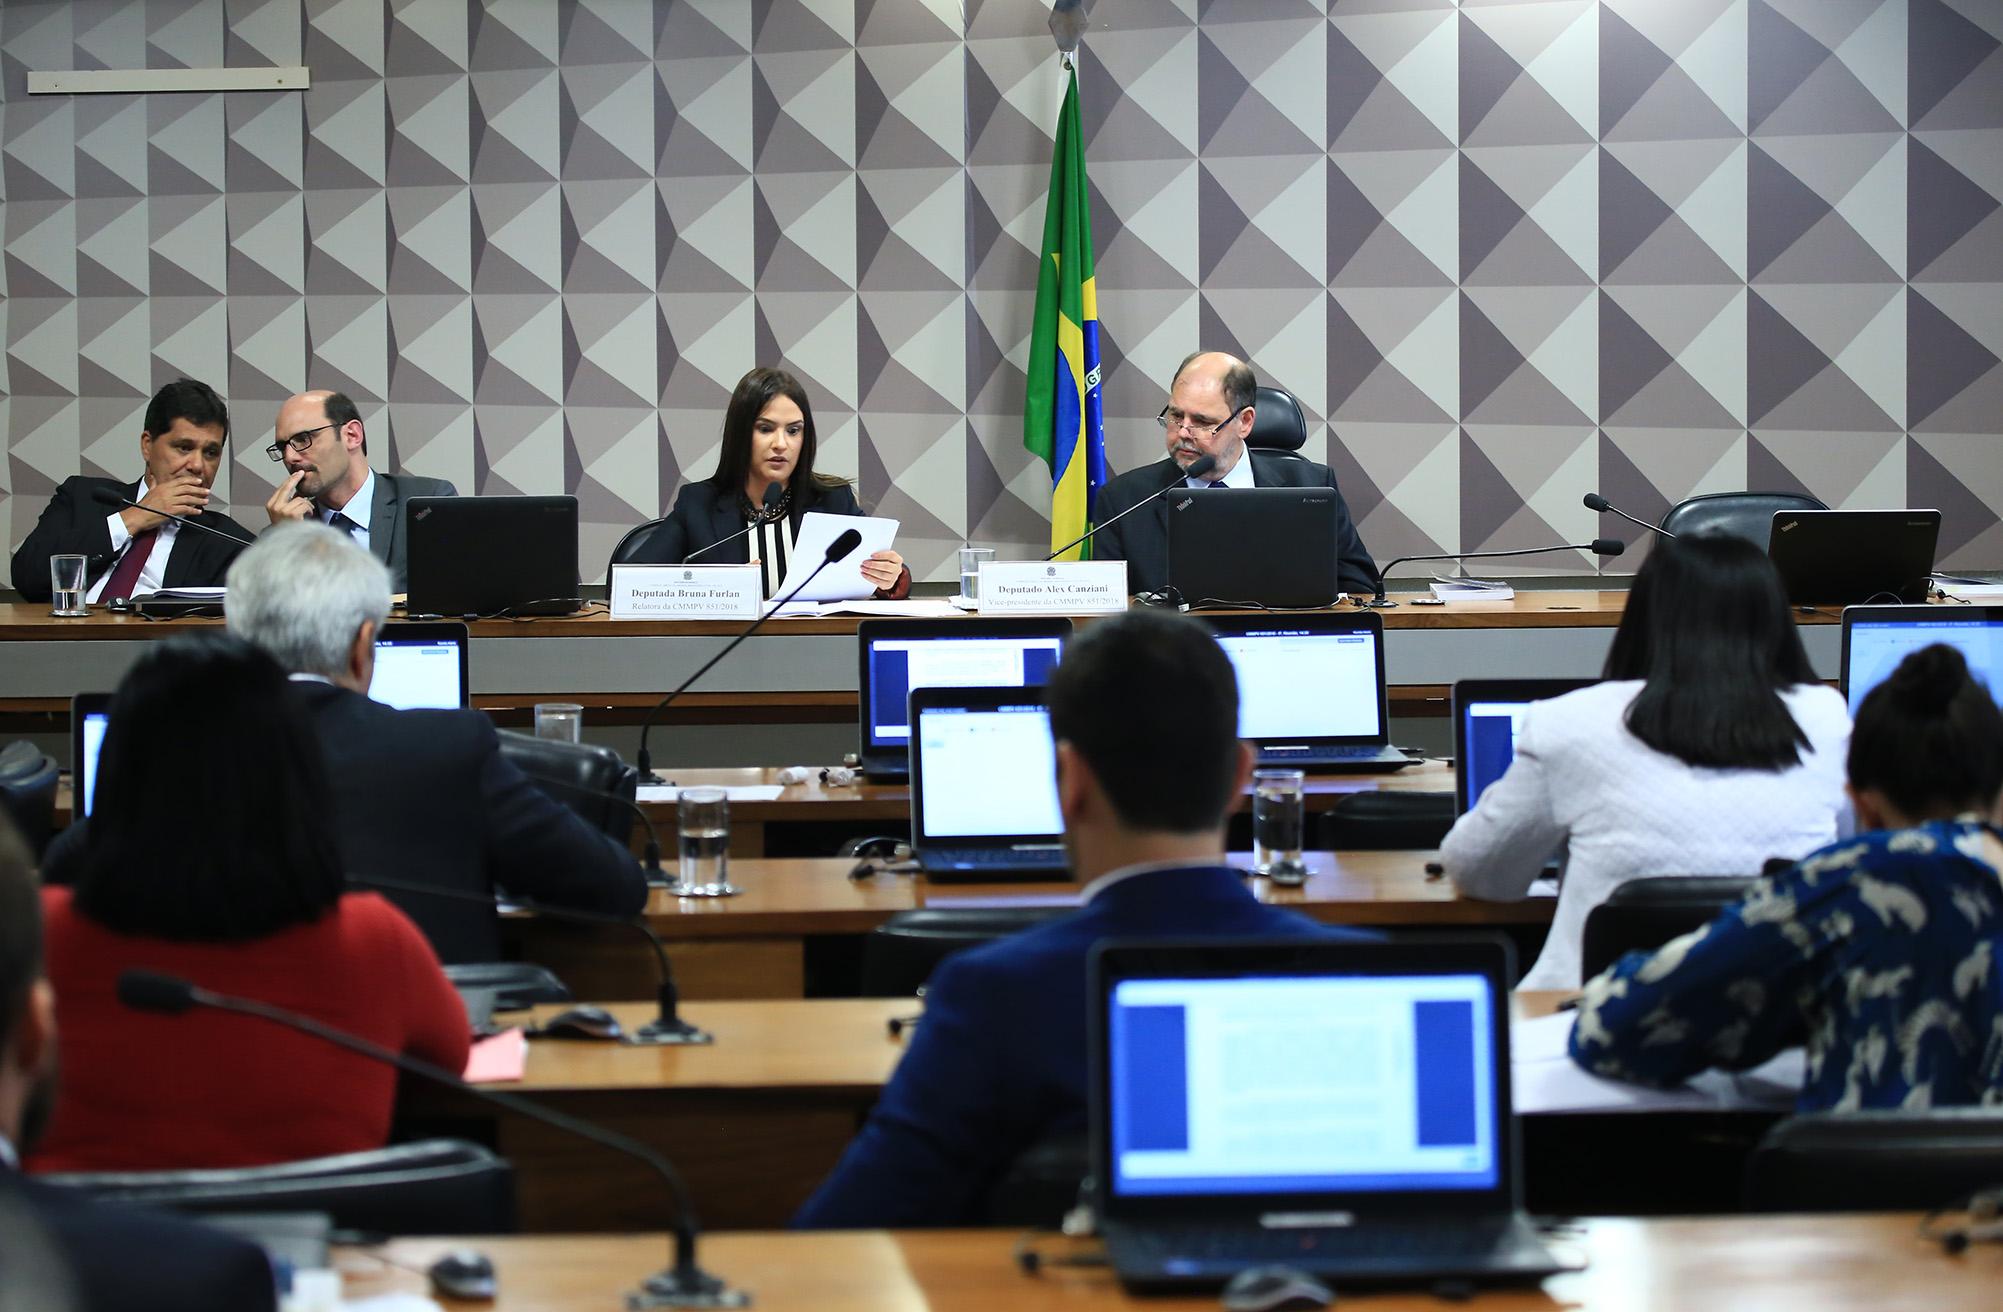 Comissão Mista sobre a MP 851/18, que autoriza a Administração Pública a firmar instrumentos de Parceria e termos de execução de programas, projetos e demais finalidades de interesse público com Organizações Gestoras de Fundos Patrimoniais